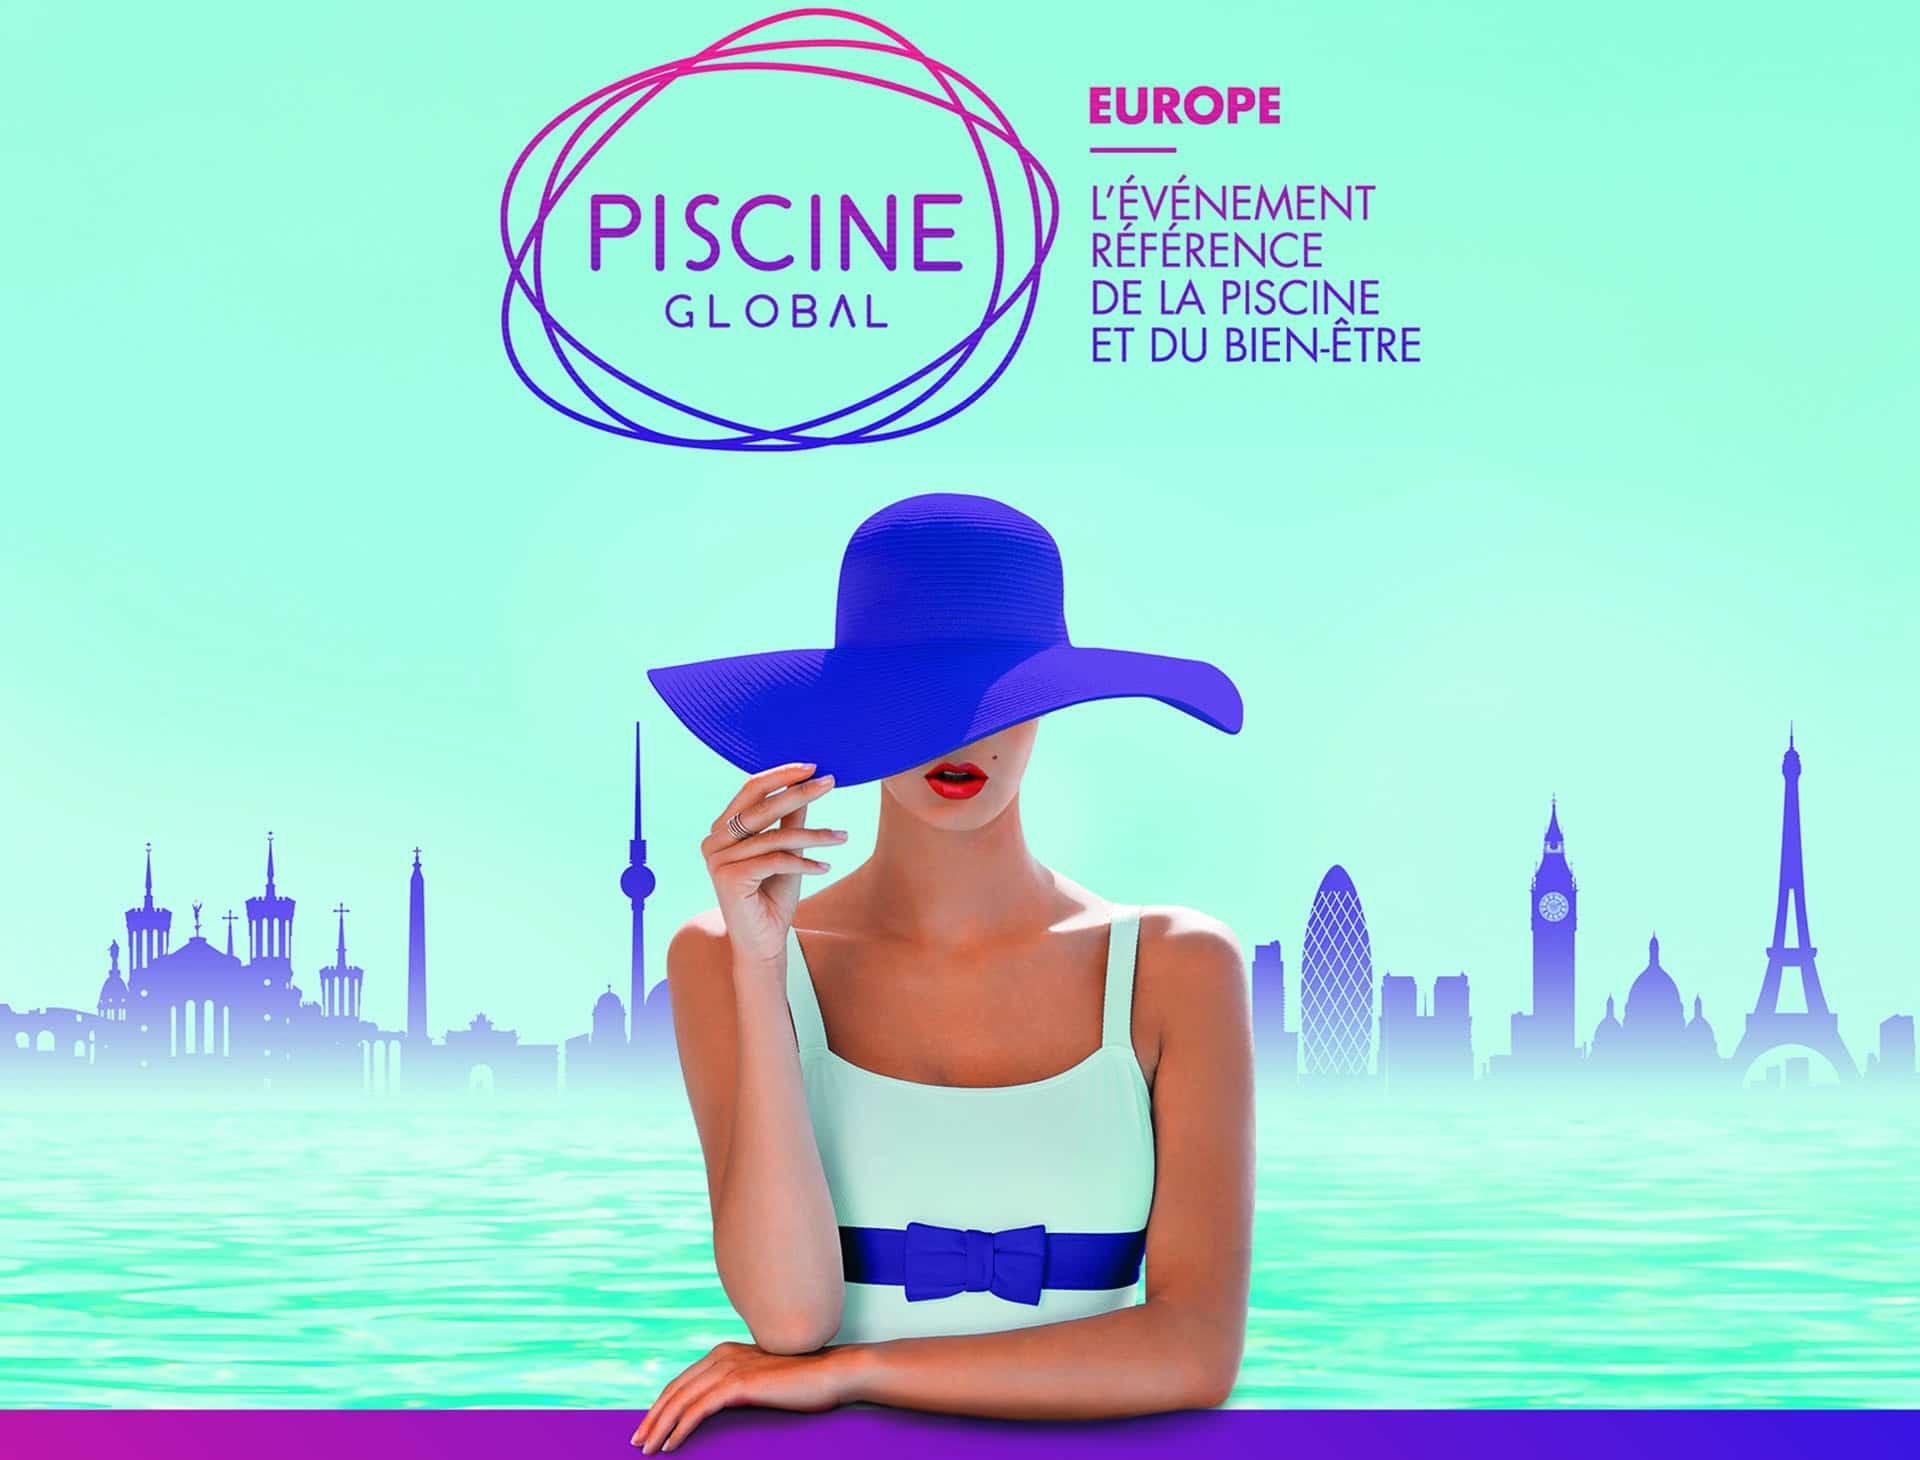 Piscine Global Europe 2020